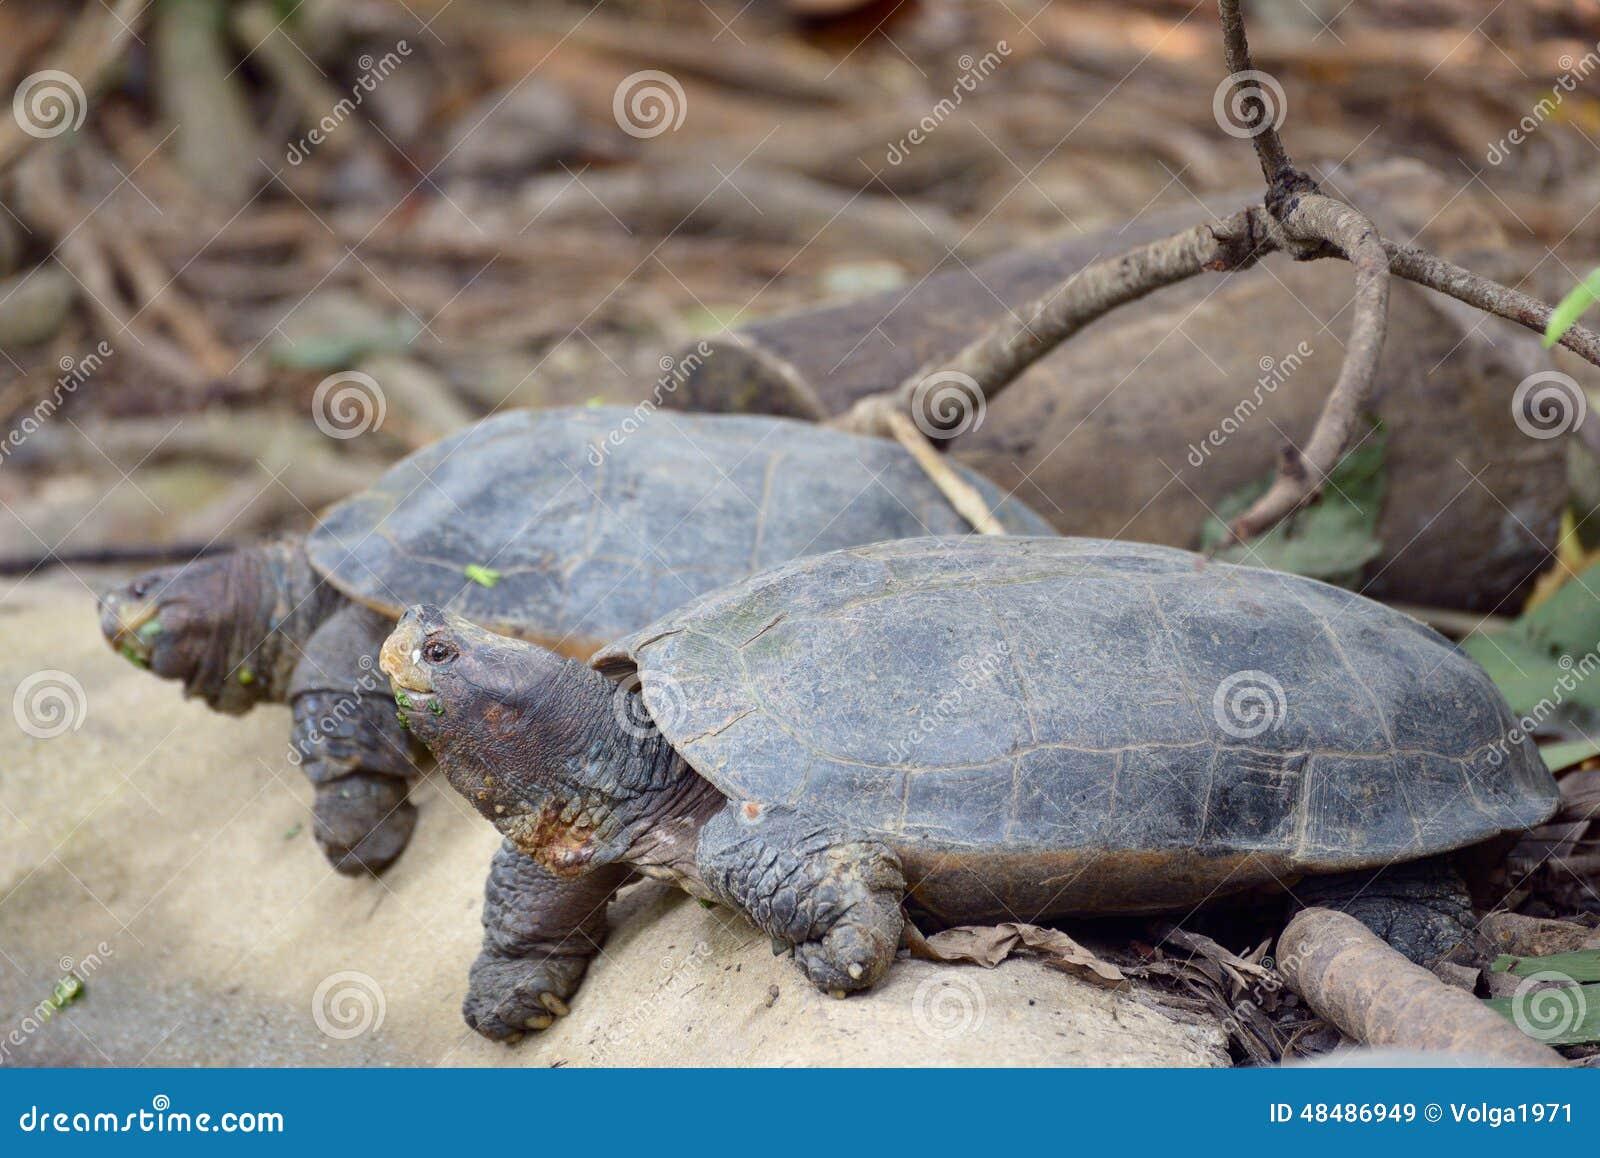 Tartarughe asiatiche giganti dello stagno immagine stock for Tartarughe in amore